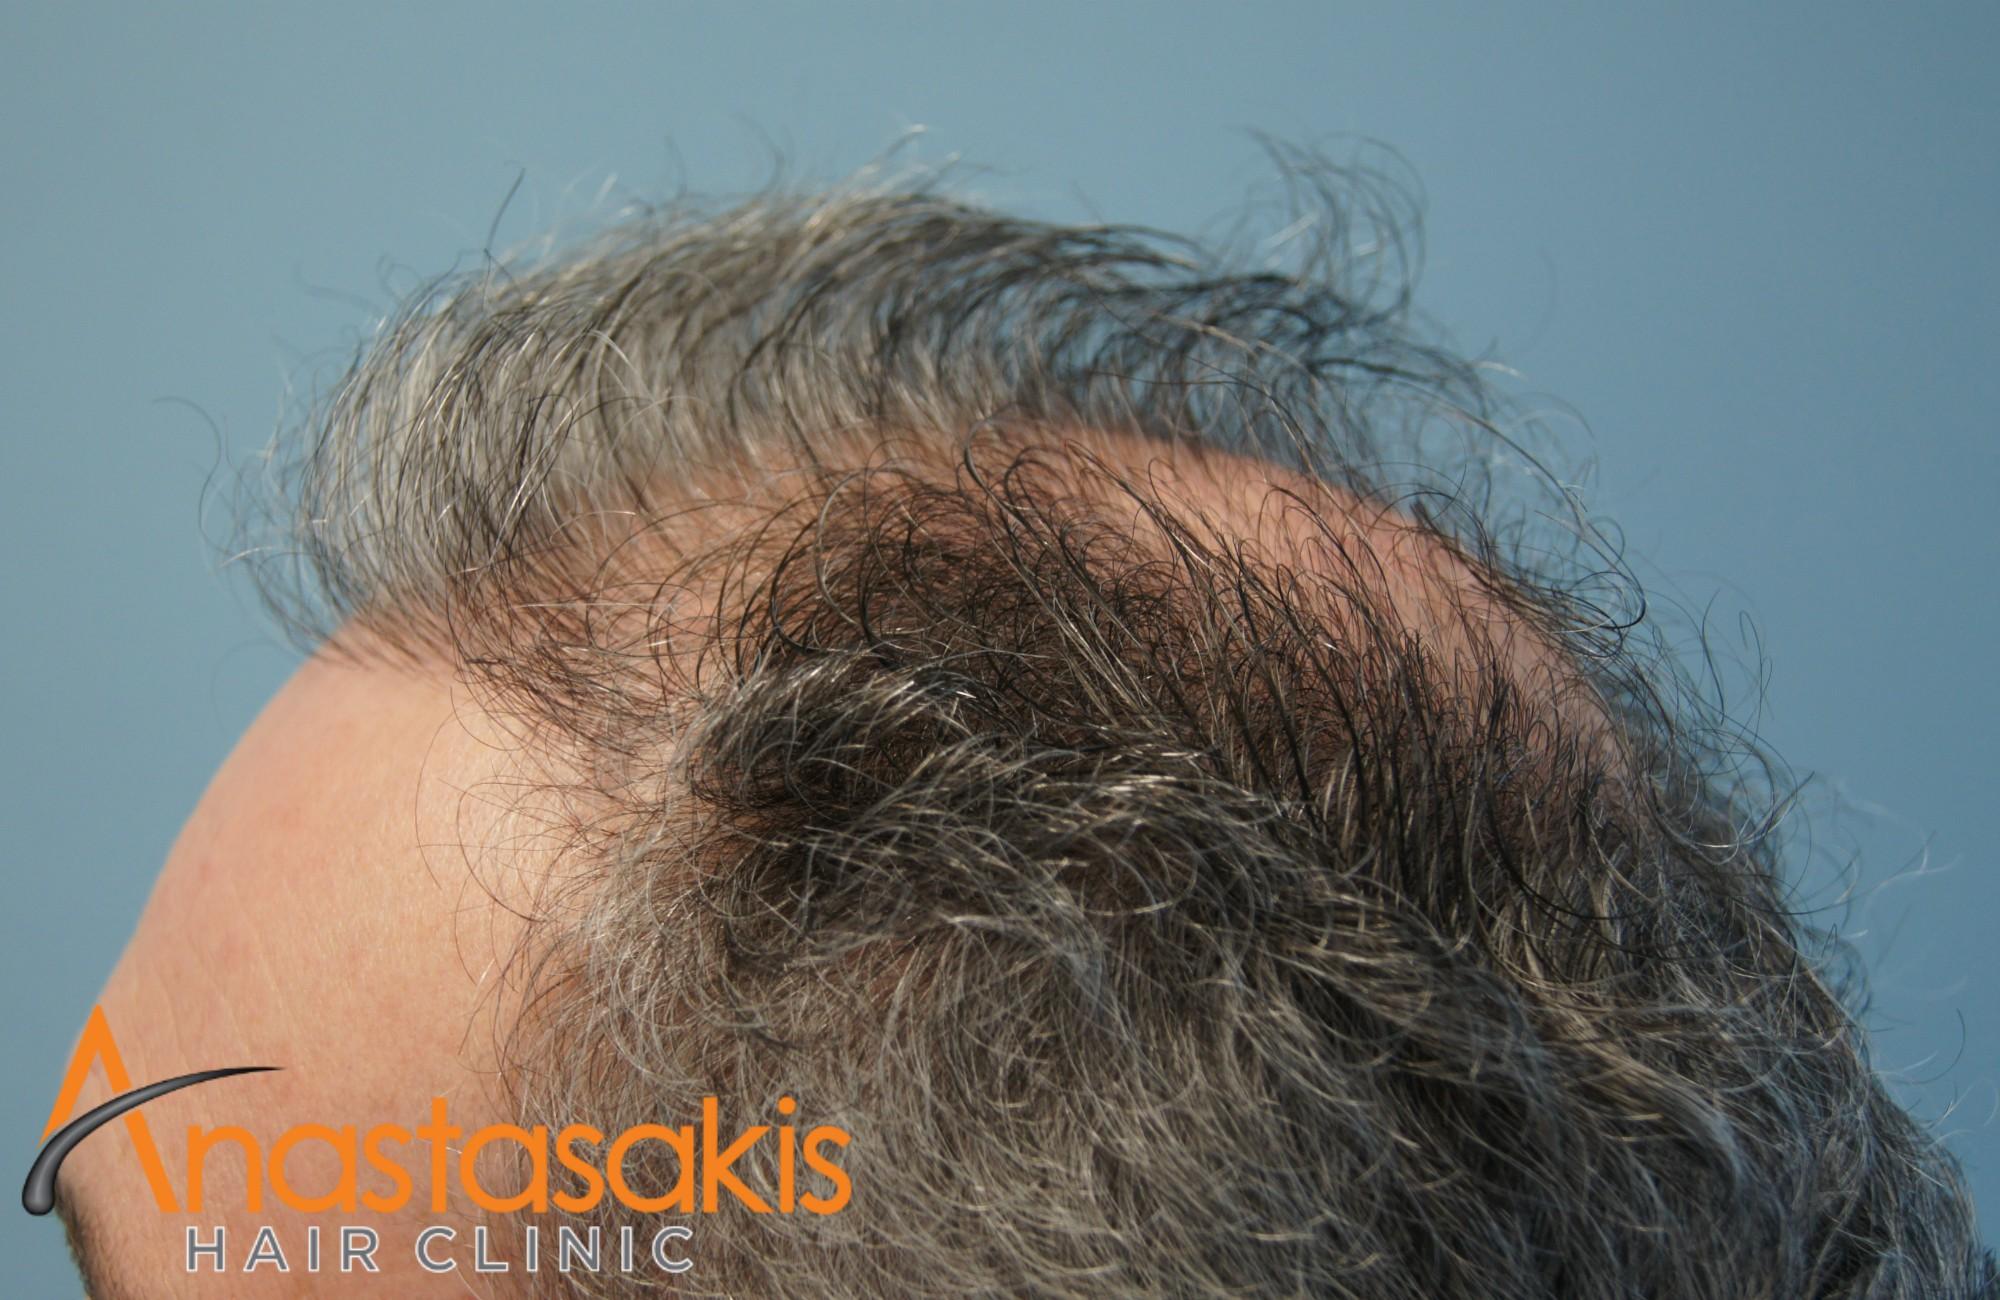 αριστερο προφιλ ασθενους πριν τη μεταμοσχευση μαλλιων με 2500 fus